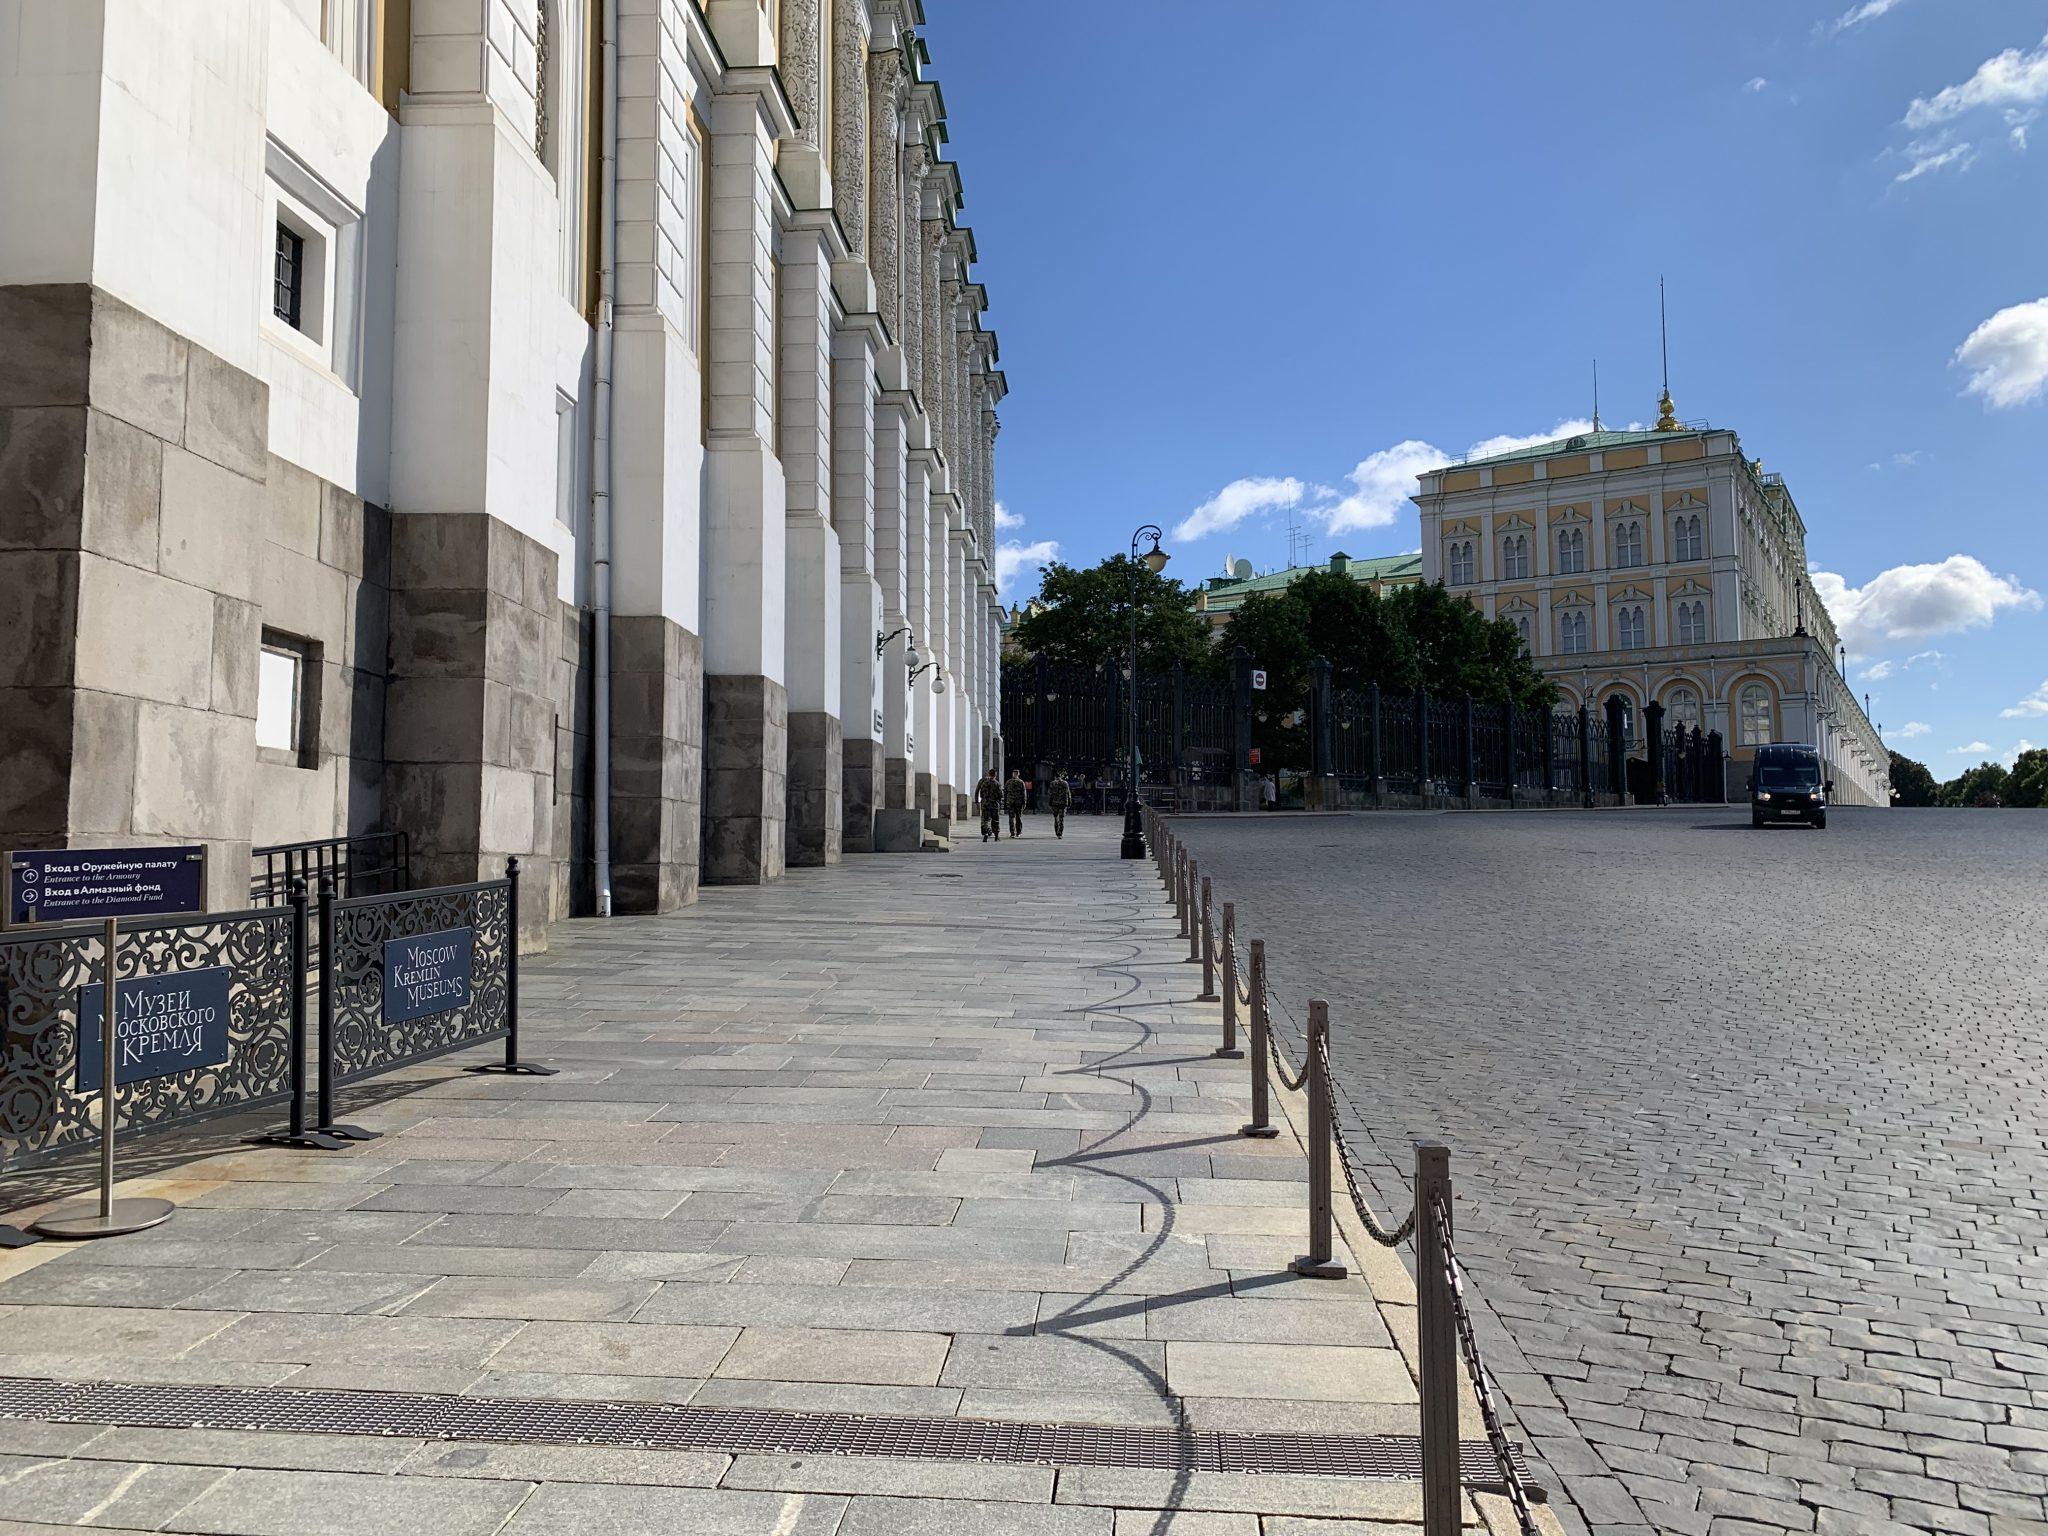 Kremlin Armoury near Red Square